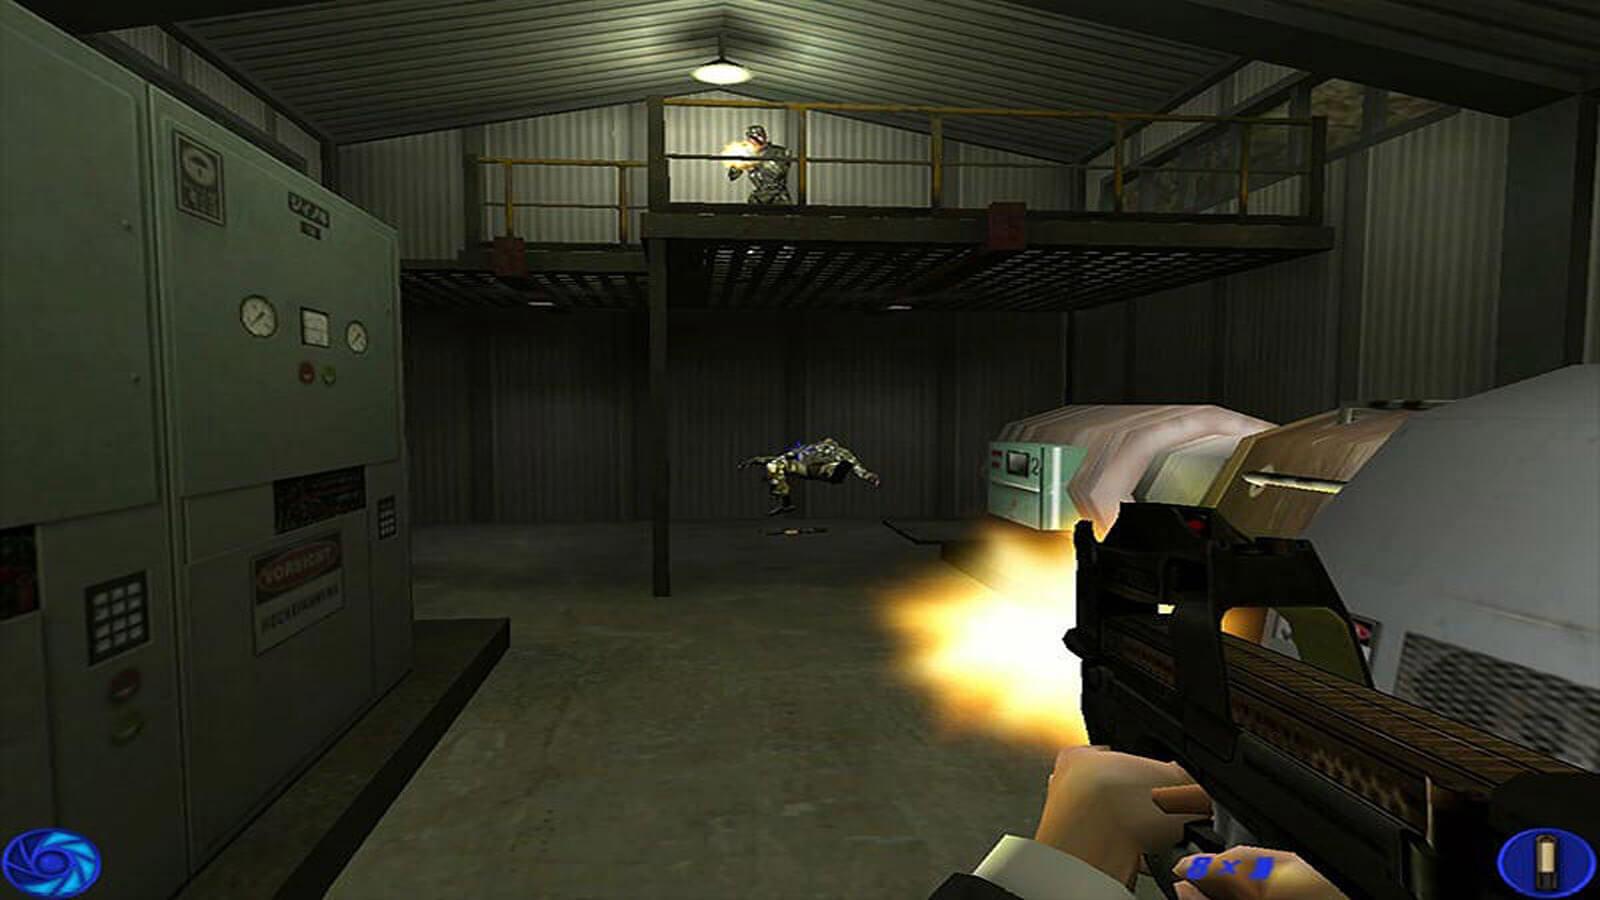 تحميل لعبة James Bond 007 Nightfire مضغوطة برابط واحد مباشر كاملة مجانا